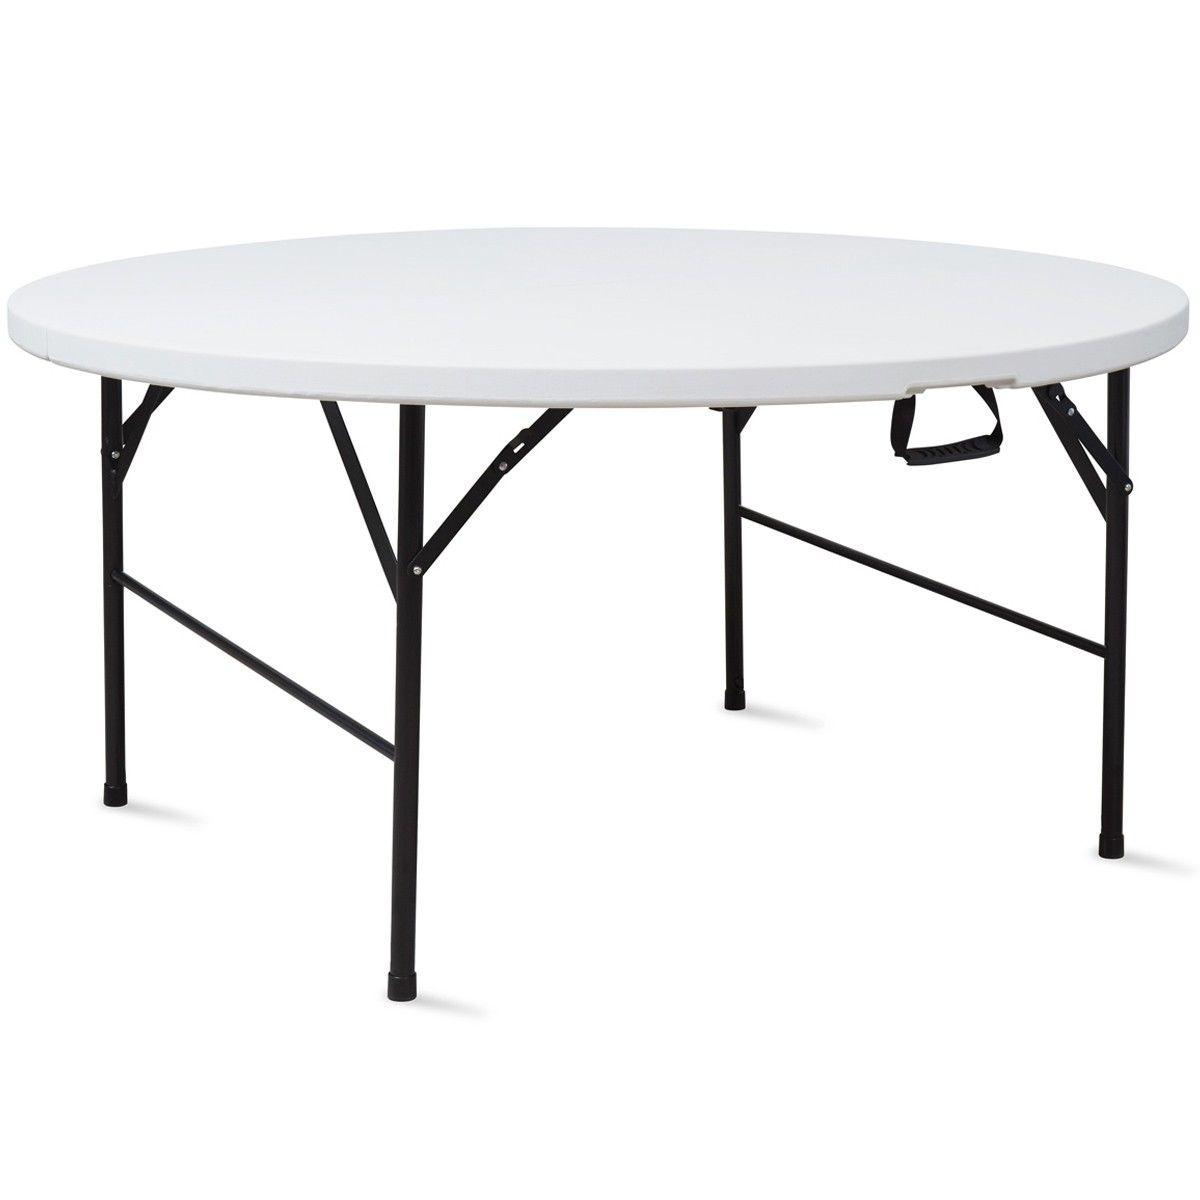 Table Pliante Ronde 10 Personnes - Taille : 10 Pers ... encequiconcerne Table De Jardin Geant Casino